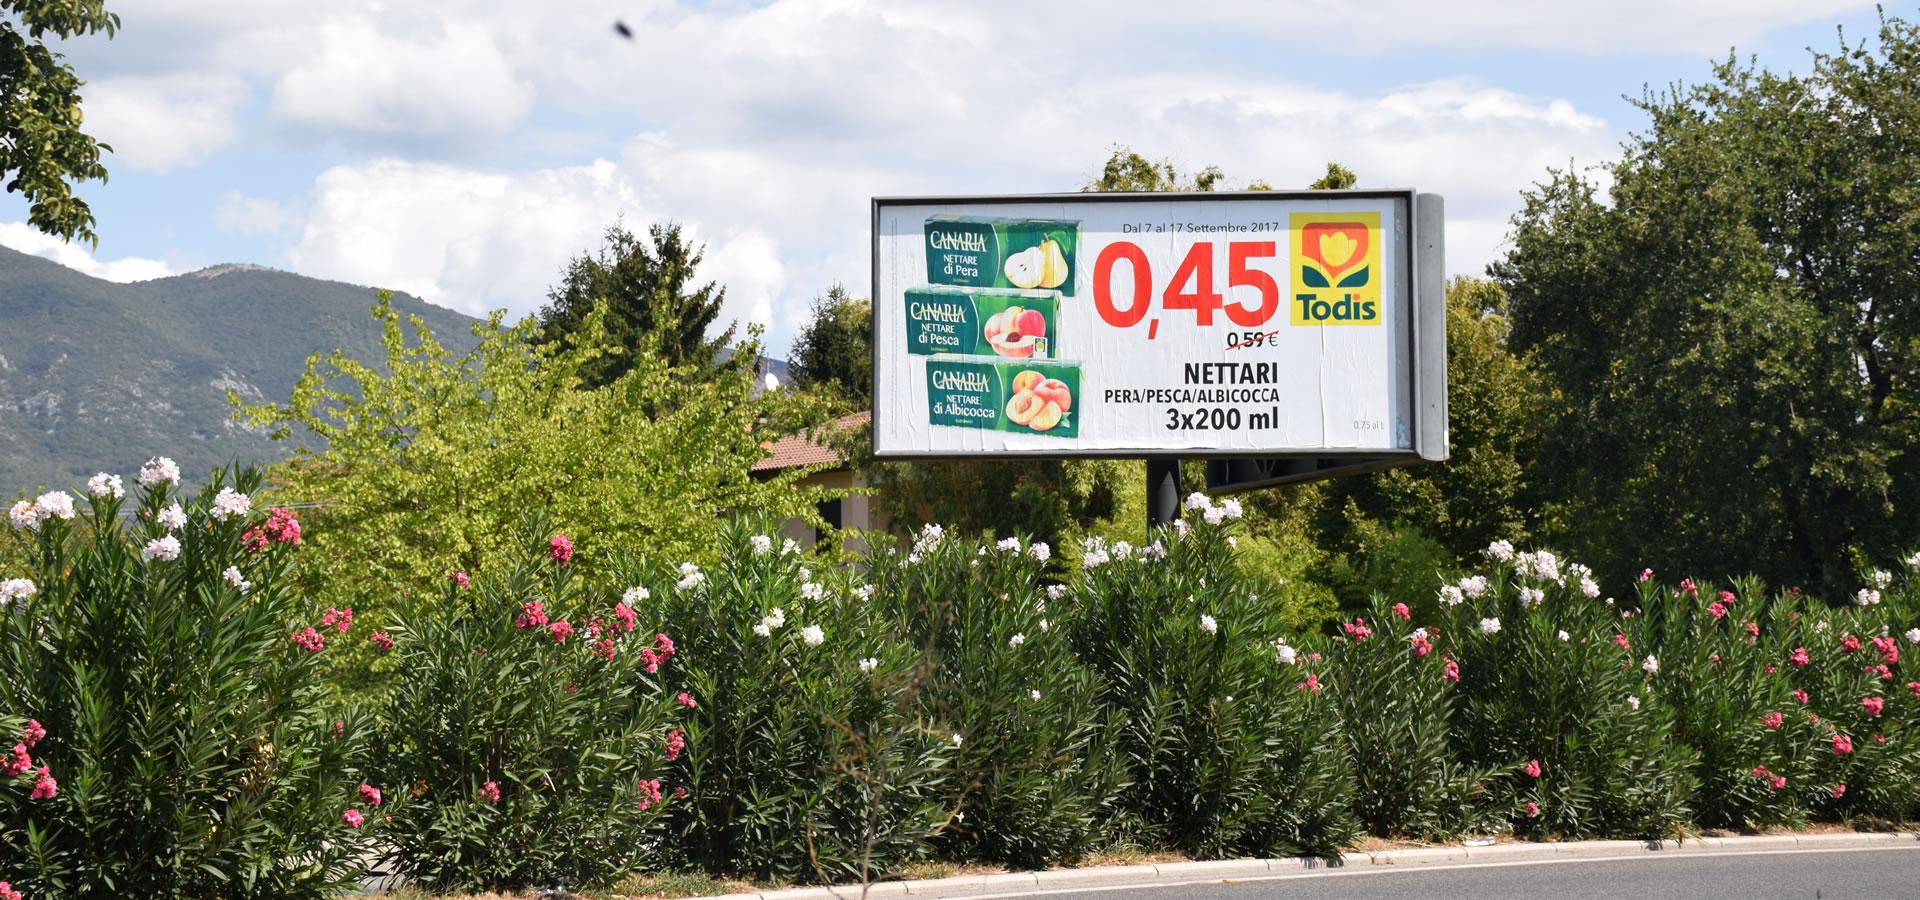 cartelloni pubblicitari a Terni